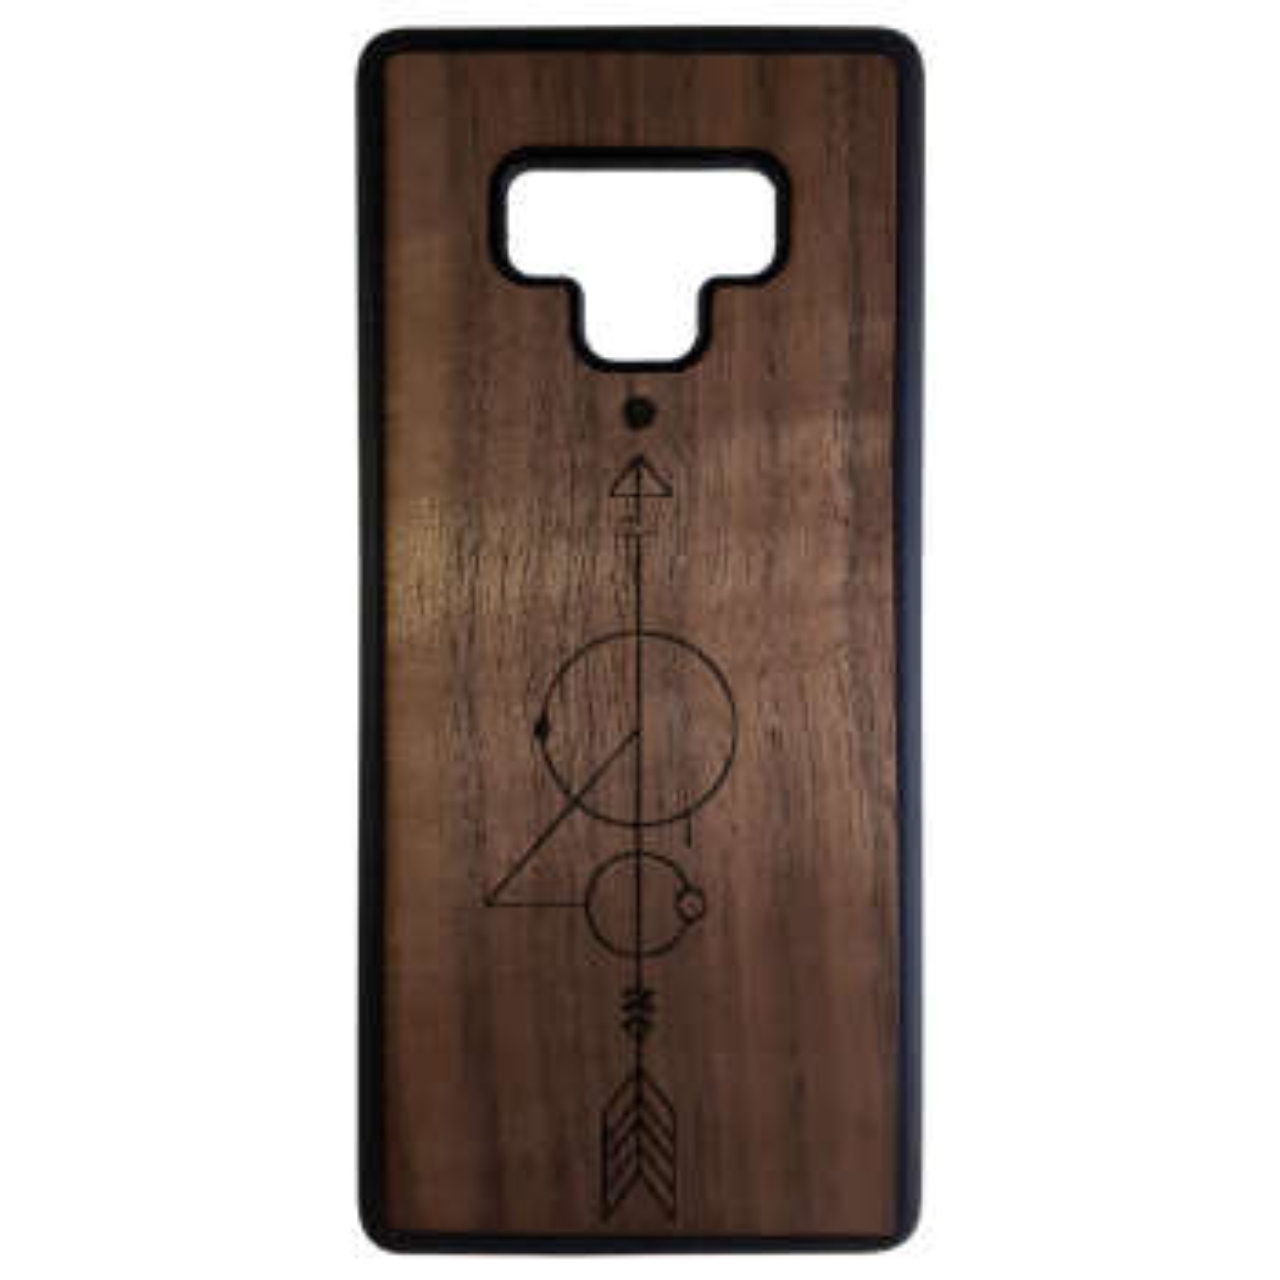 کاور مدل NO108 مناسب برای گوشی موبایل سامسونگ Galaxy Note 9